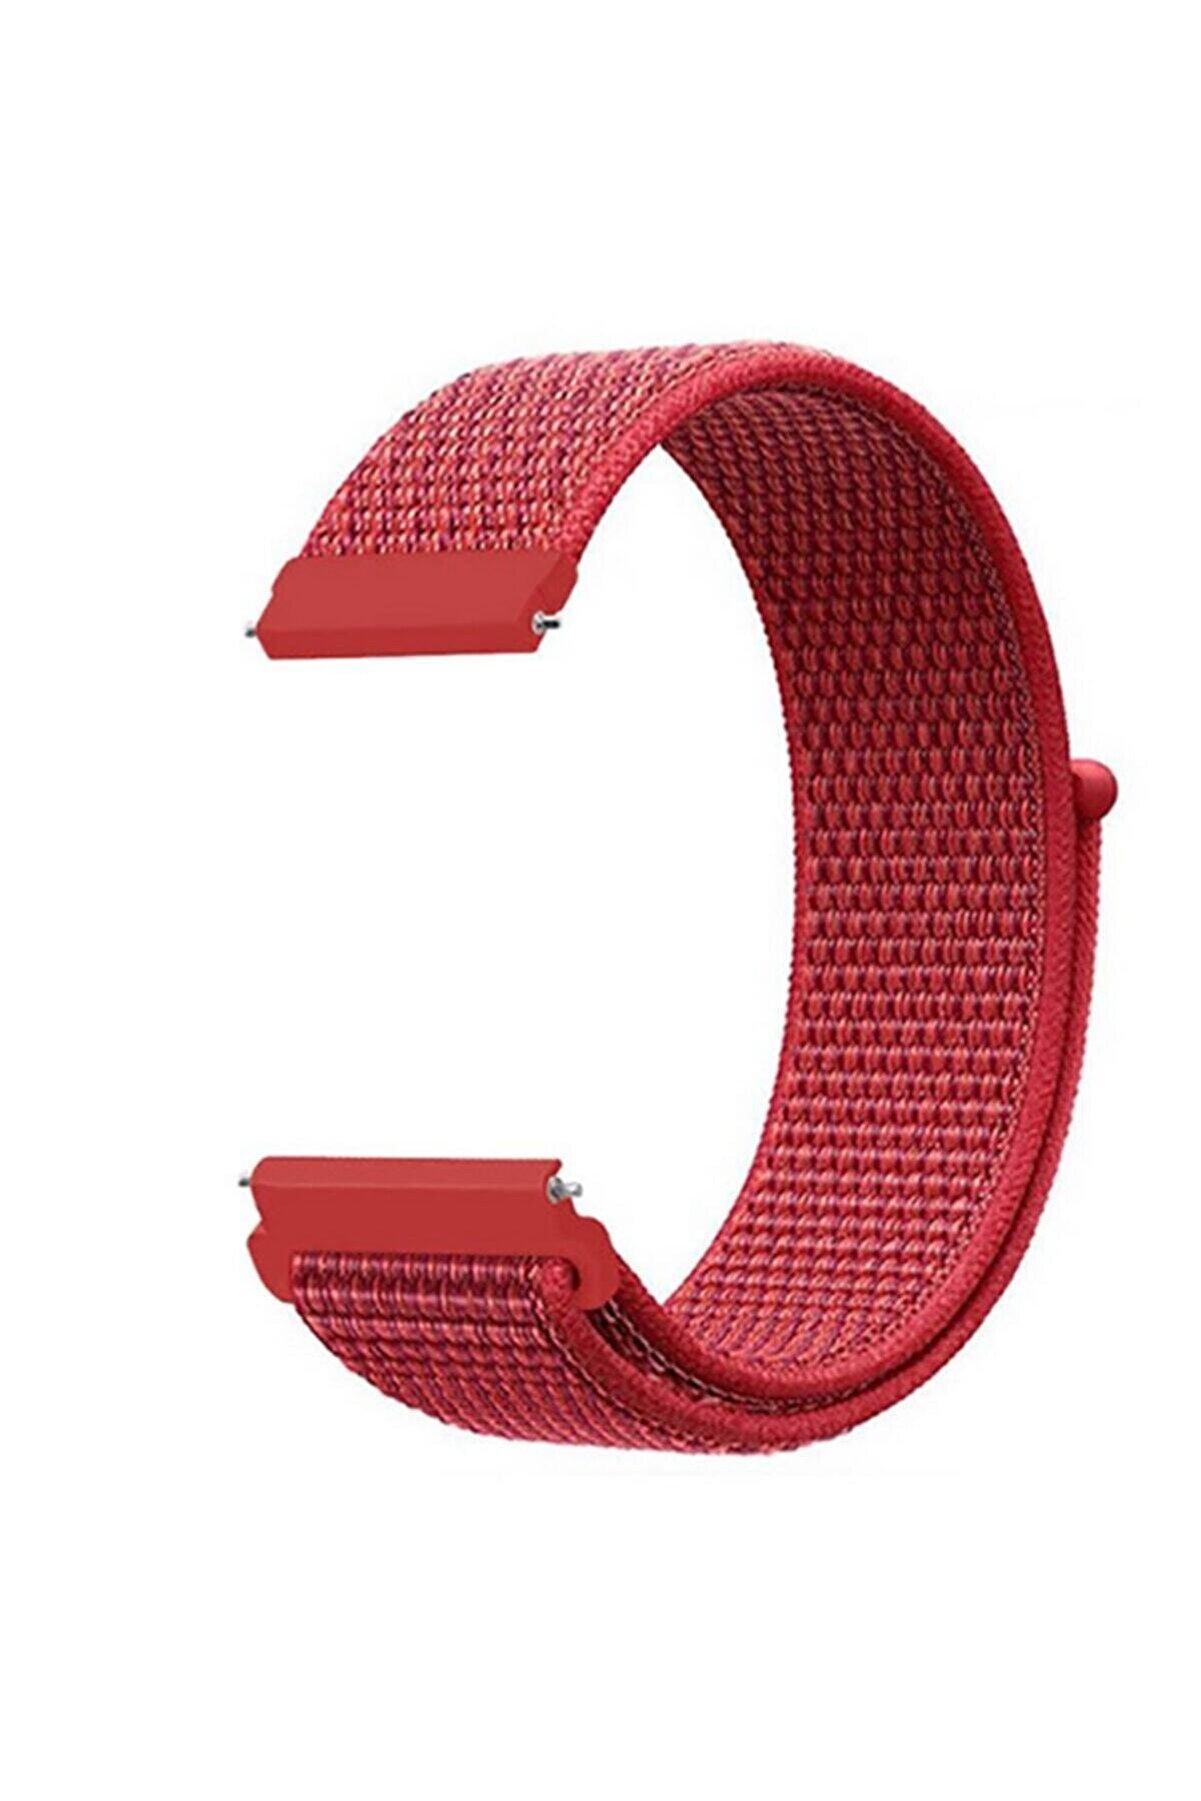 Samsung Galaxy Watch 42mm 20mm Krd-03 Akıllı Saat Kordonu Hasır Dokuma Kordon Kayış Bileklik